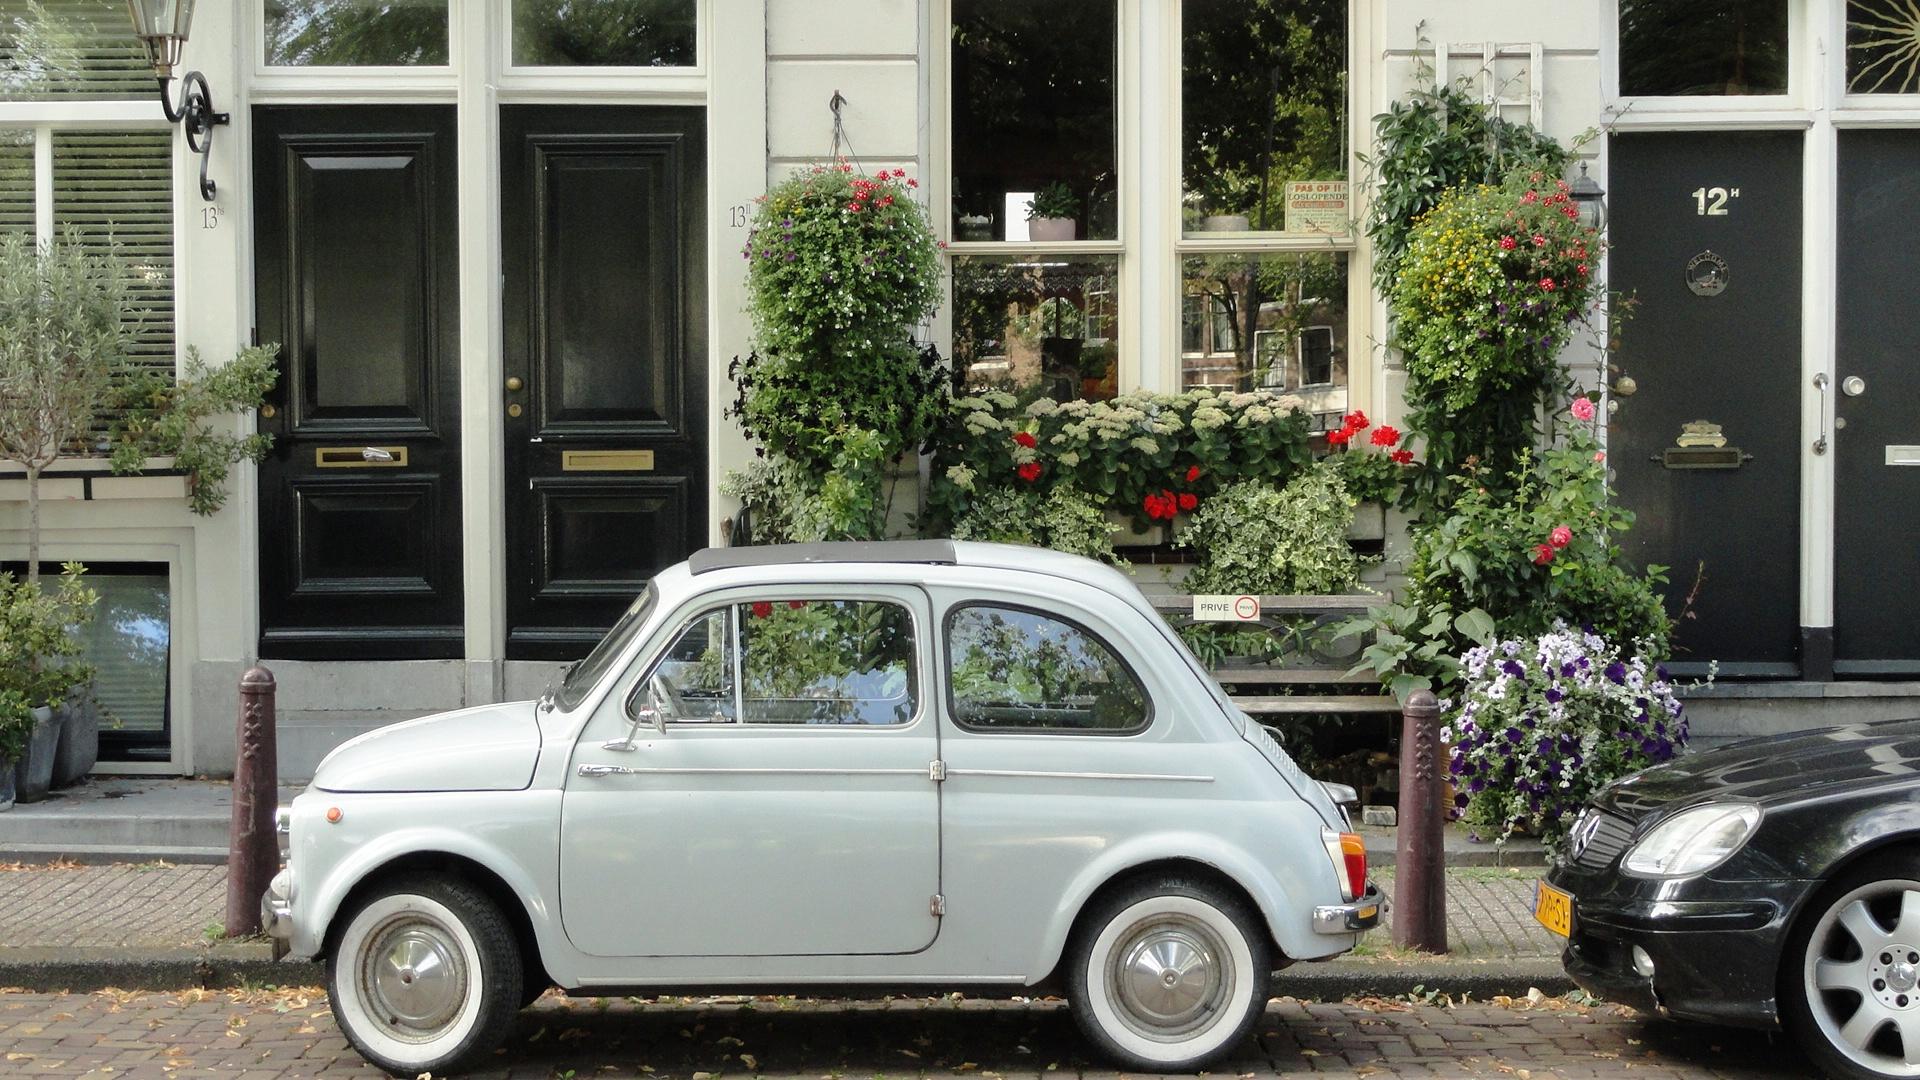 Amsterdam- Maisons autour de la Noordermarkt